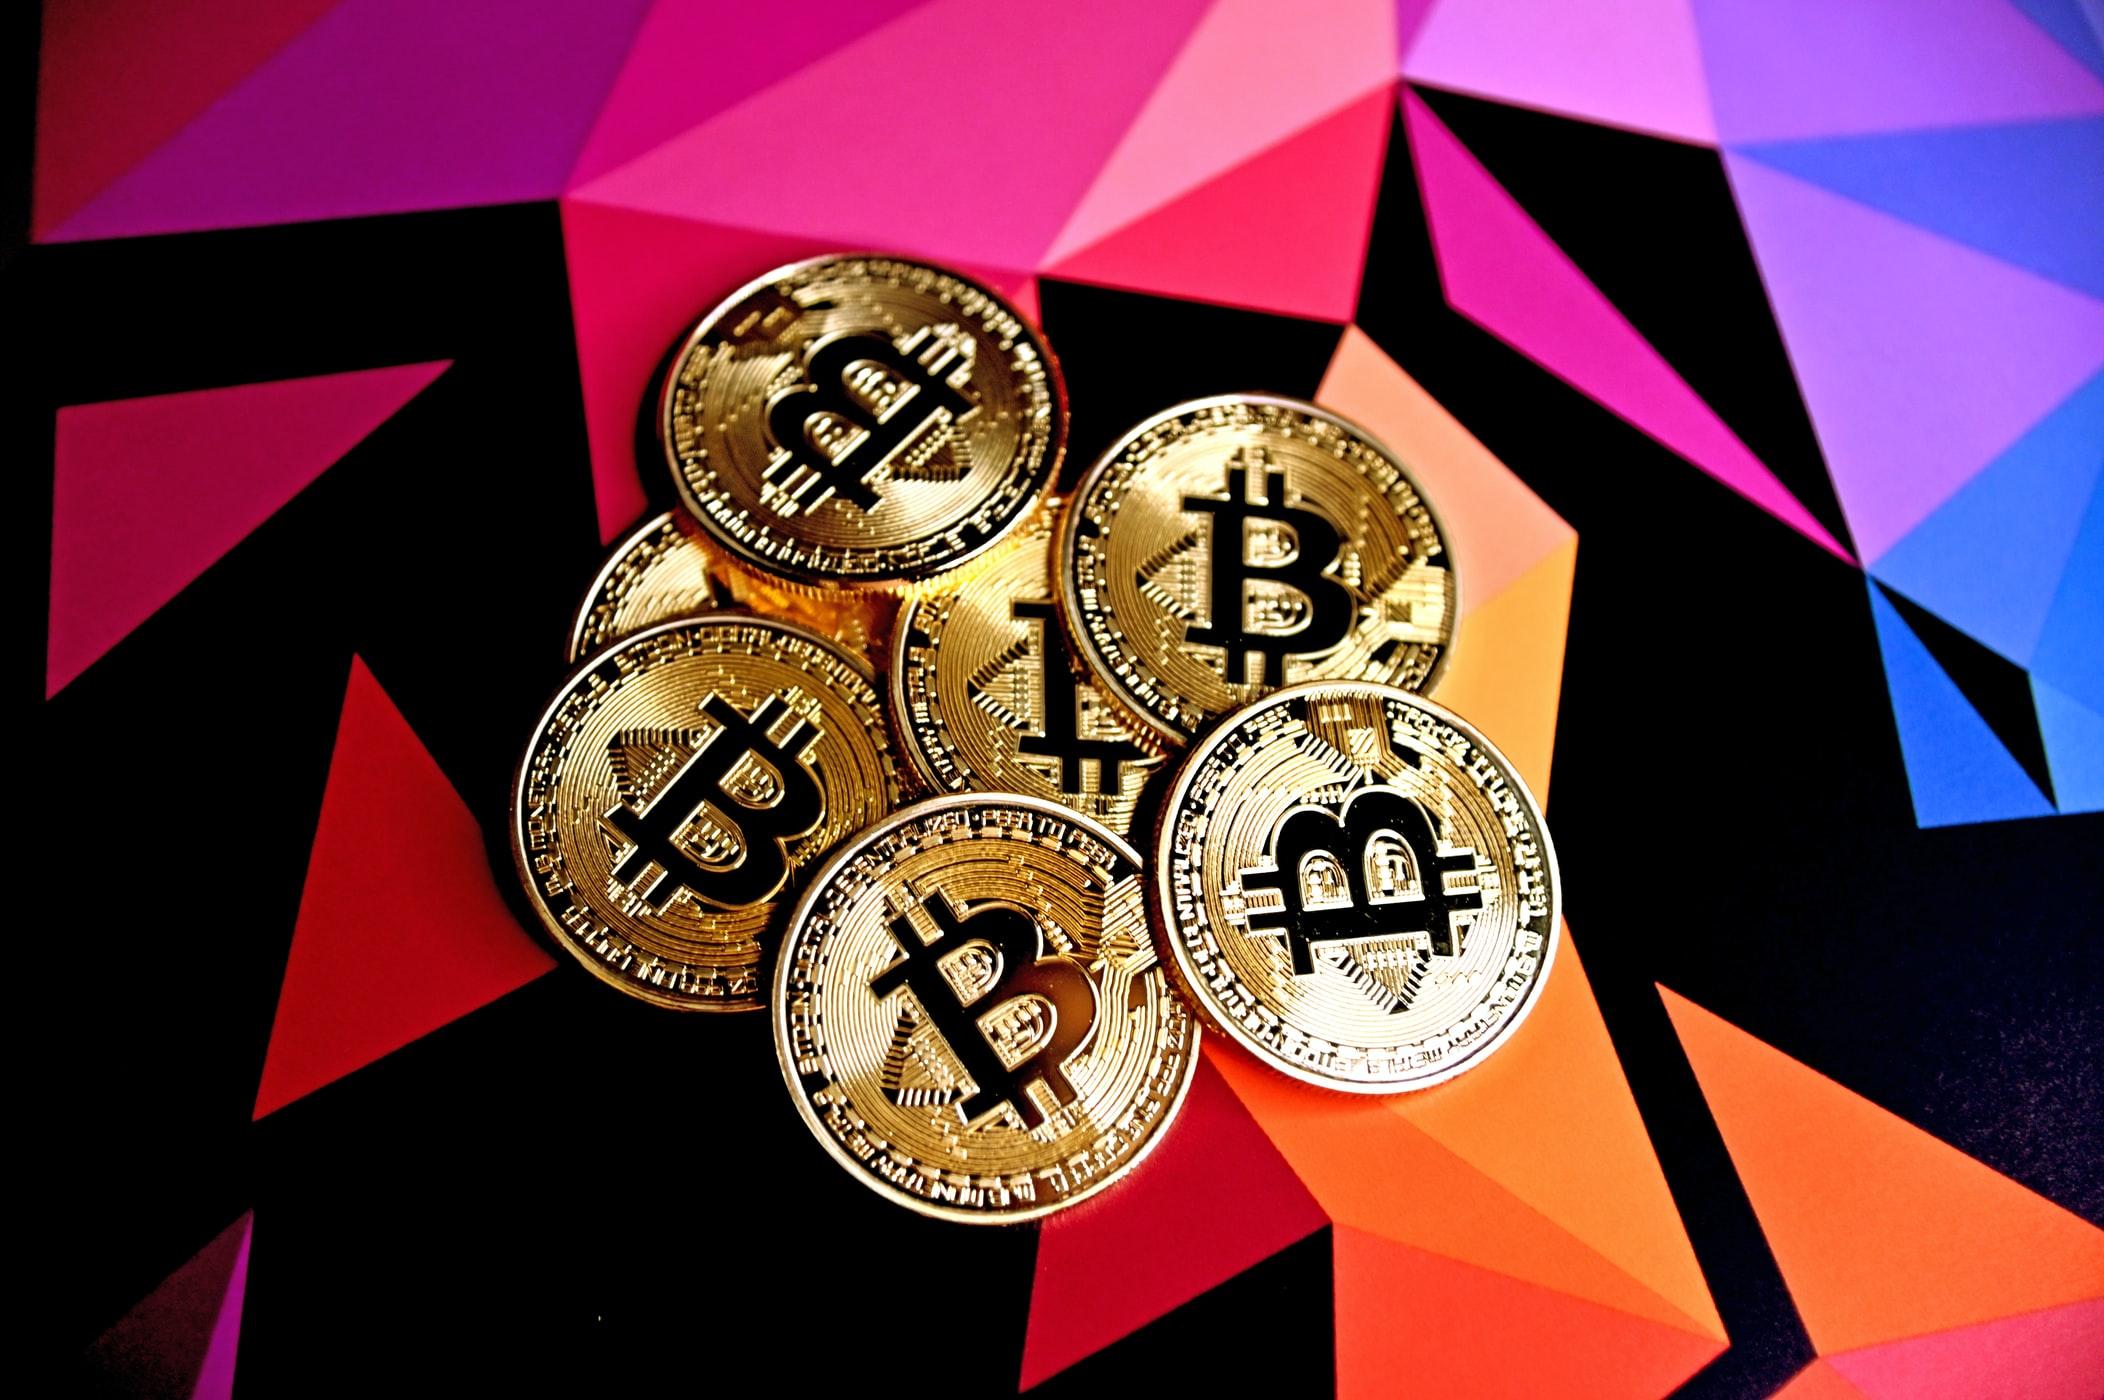 Le prix du Bitcoin (BTC) se rapproche de 40 000 $: Que nous prévoit-il pour les mois à venir?